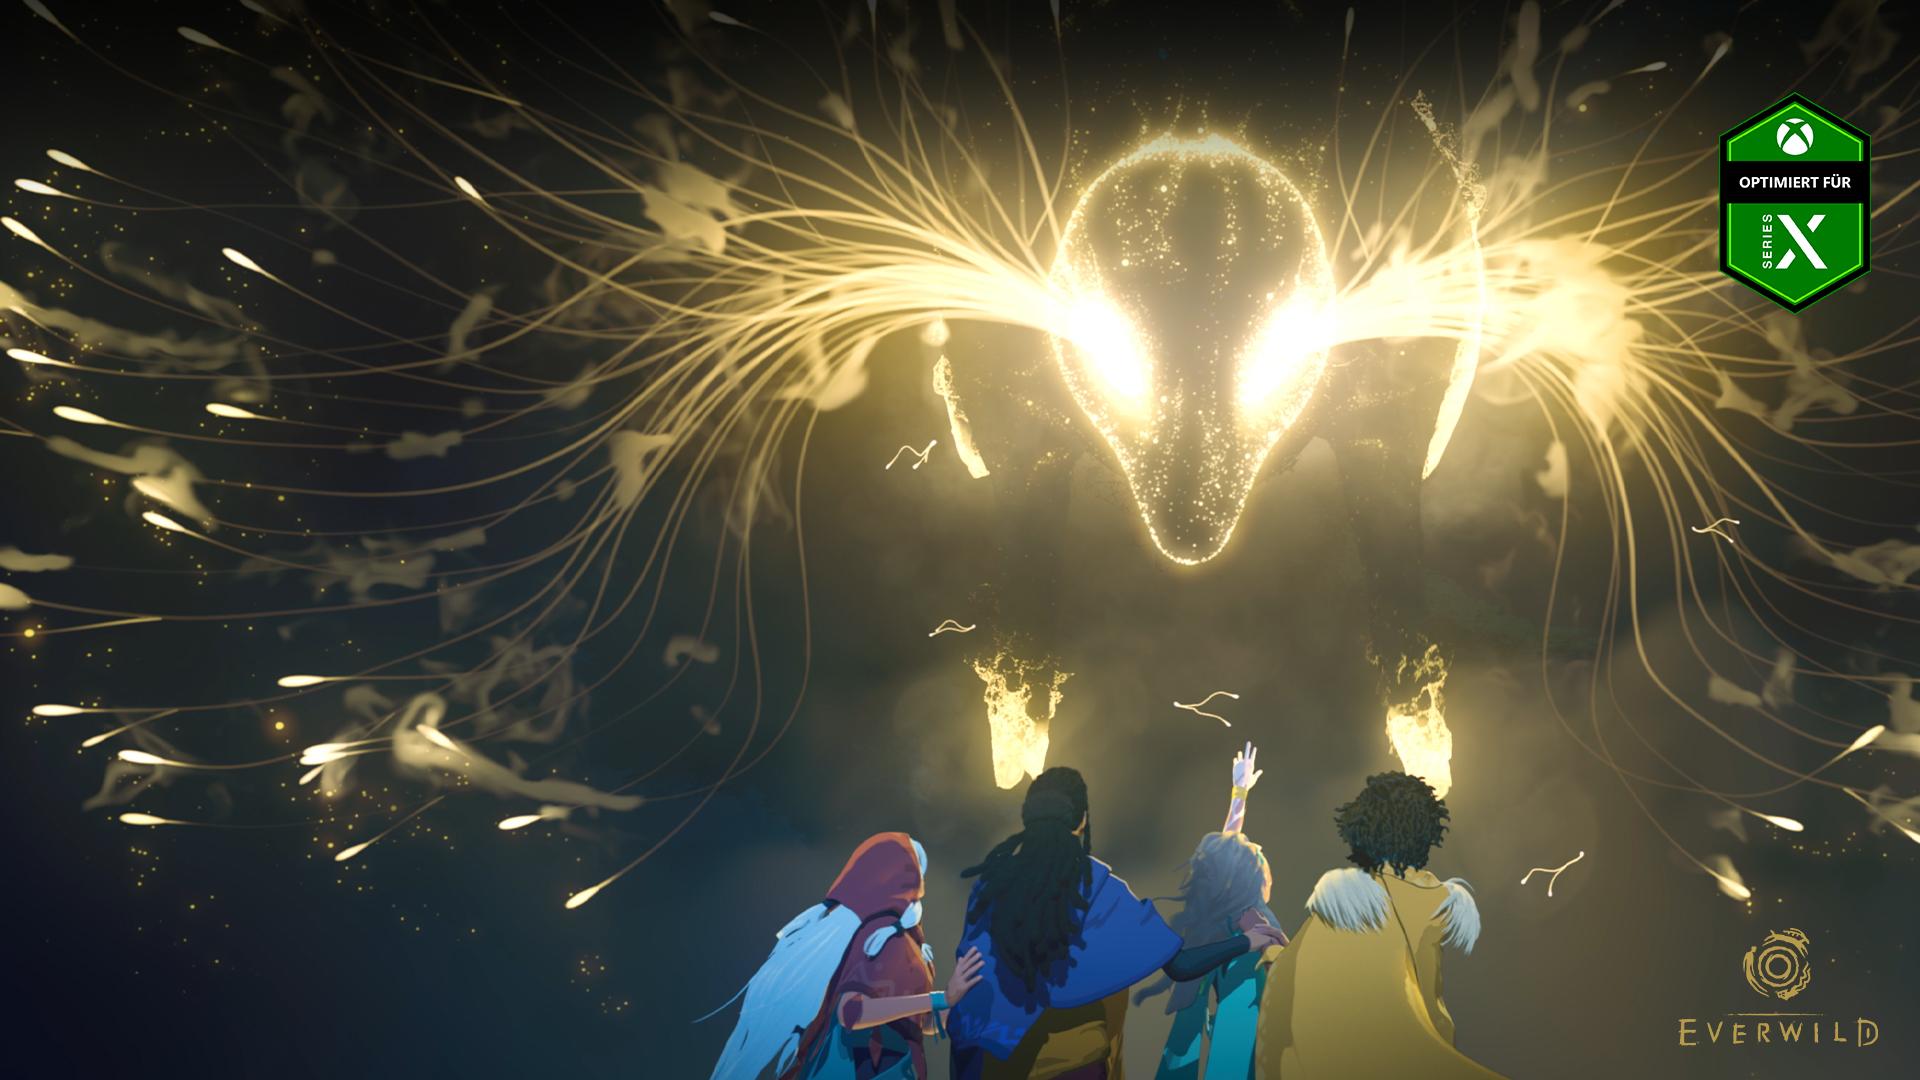 Optimiert für Series X, Everwild, eine Gruppe von Figuren steht unter einem Hirschkopf aus Licht.